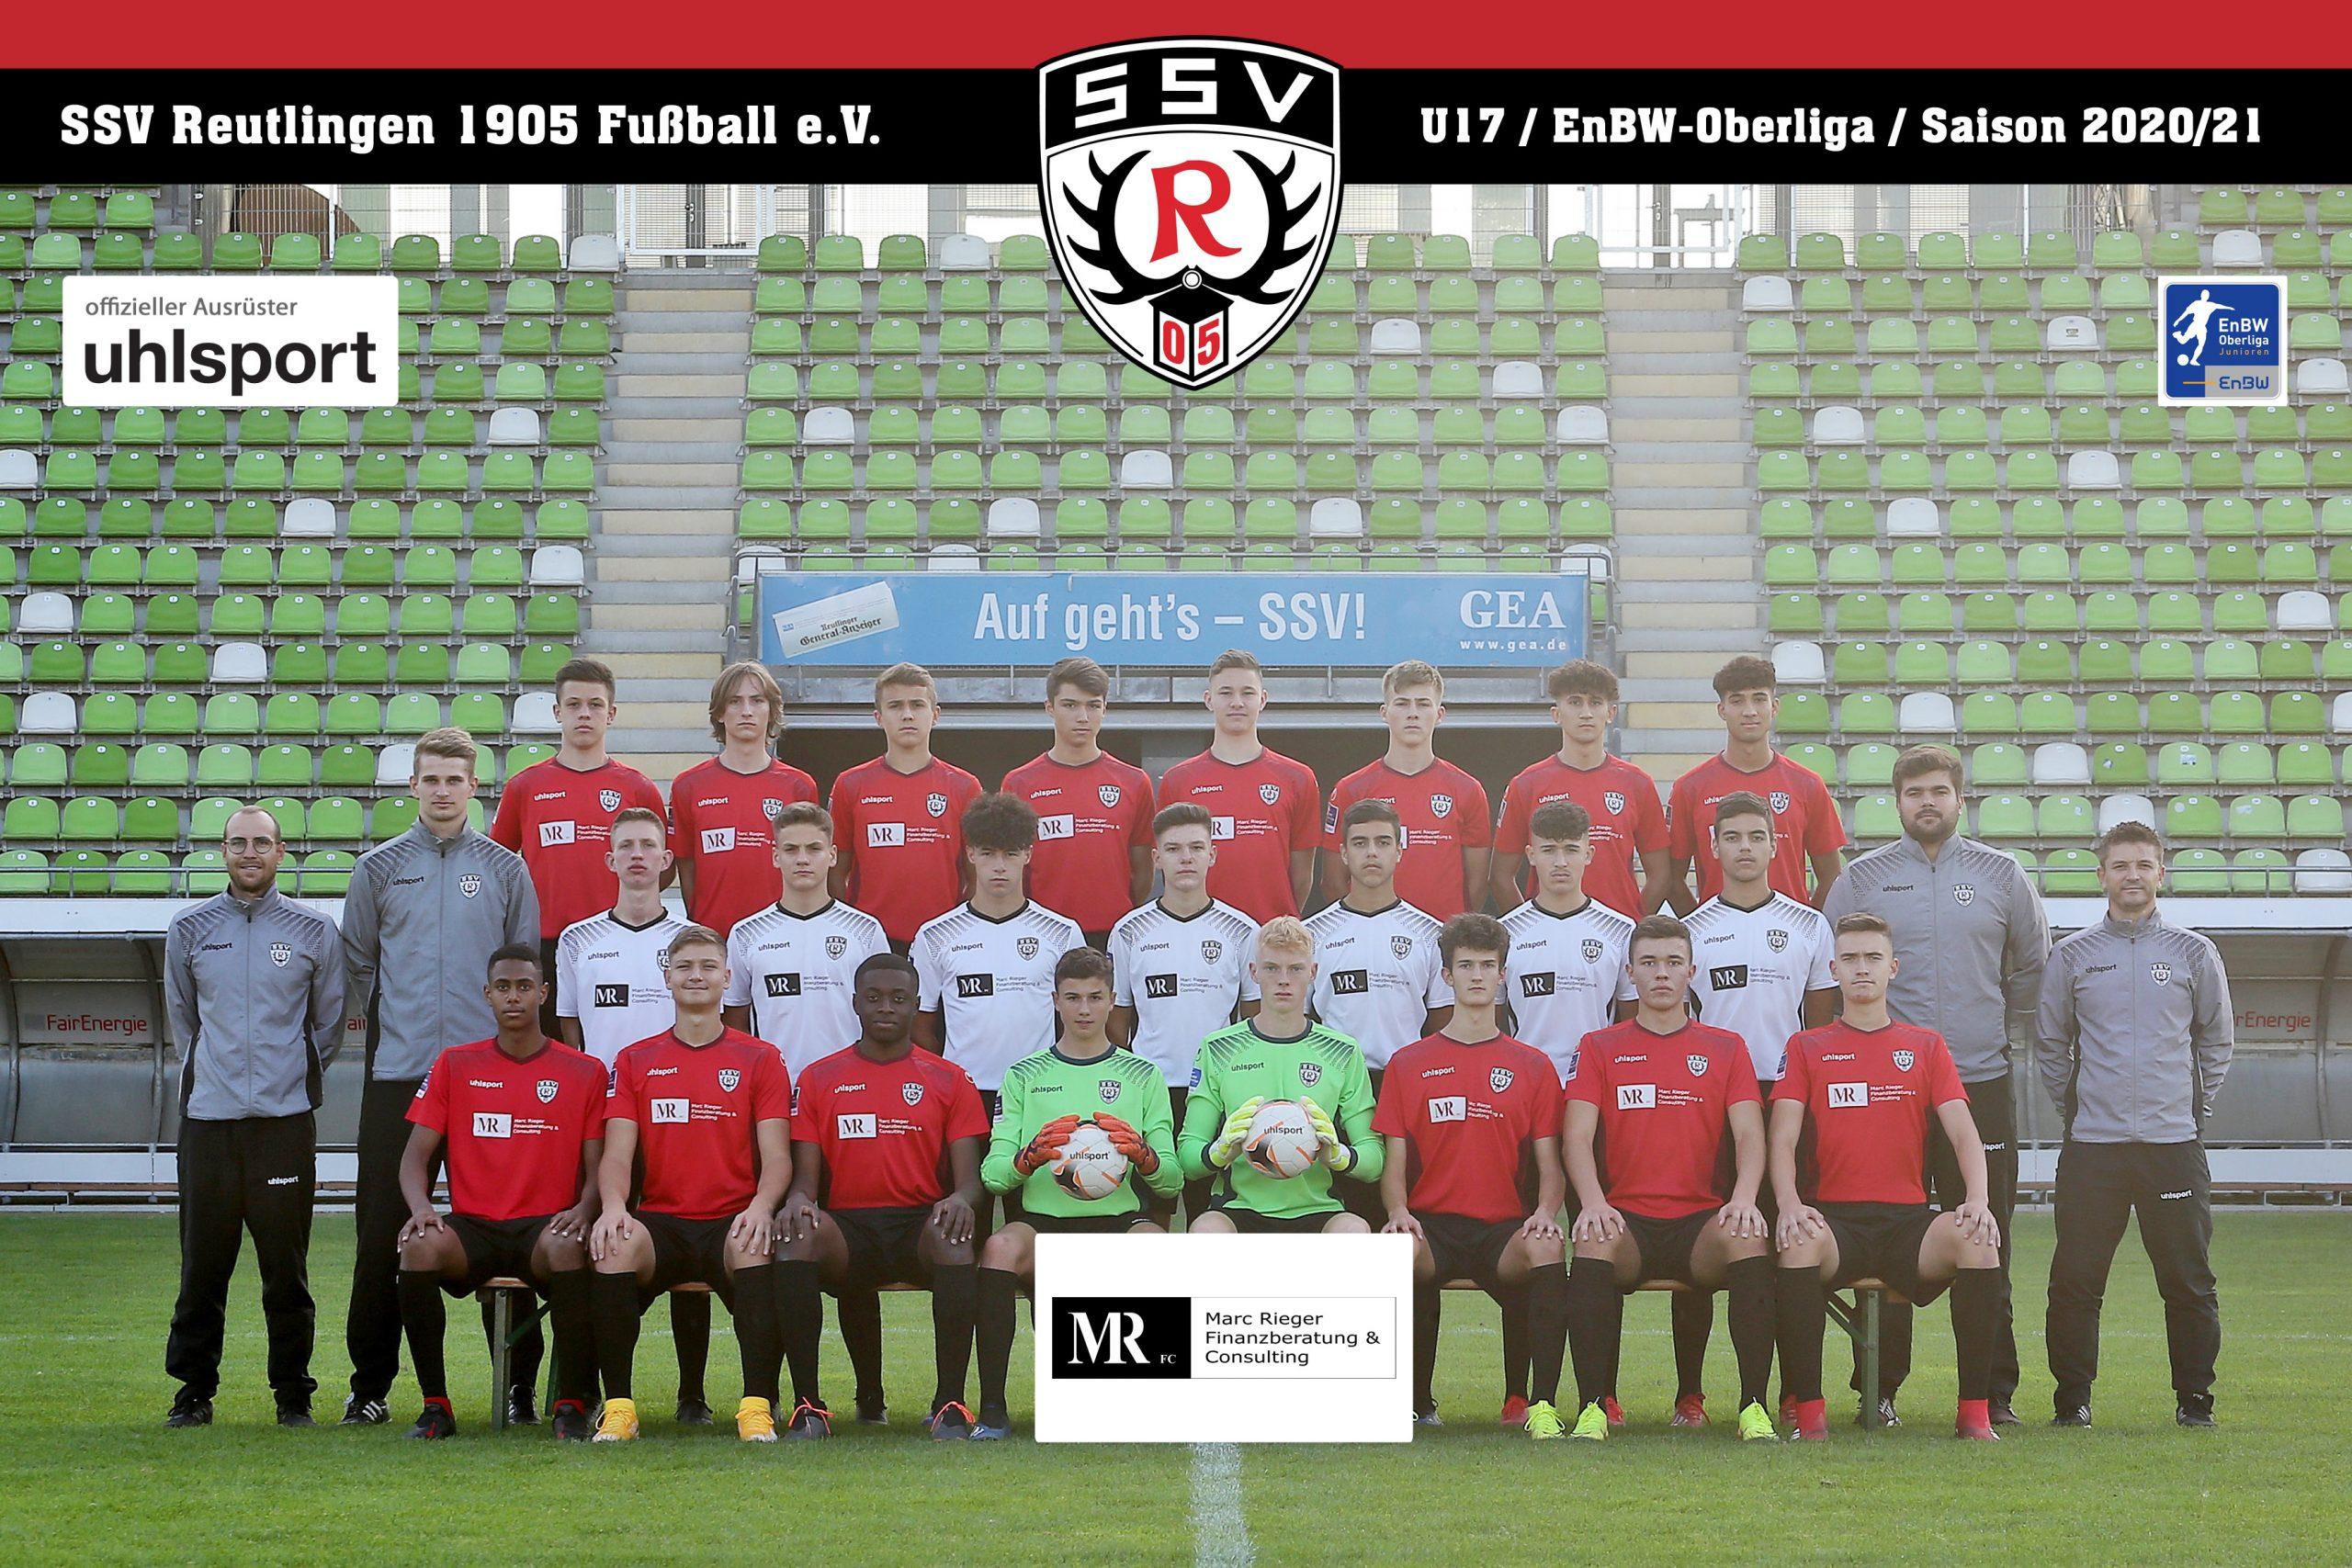 Fussball | SSV Reutlingen / Mannschaft U17 - Saison 2020/21